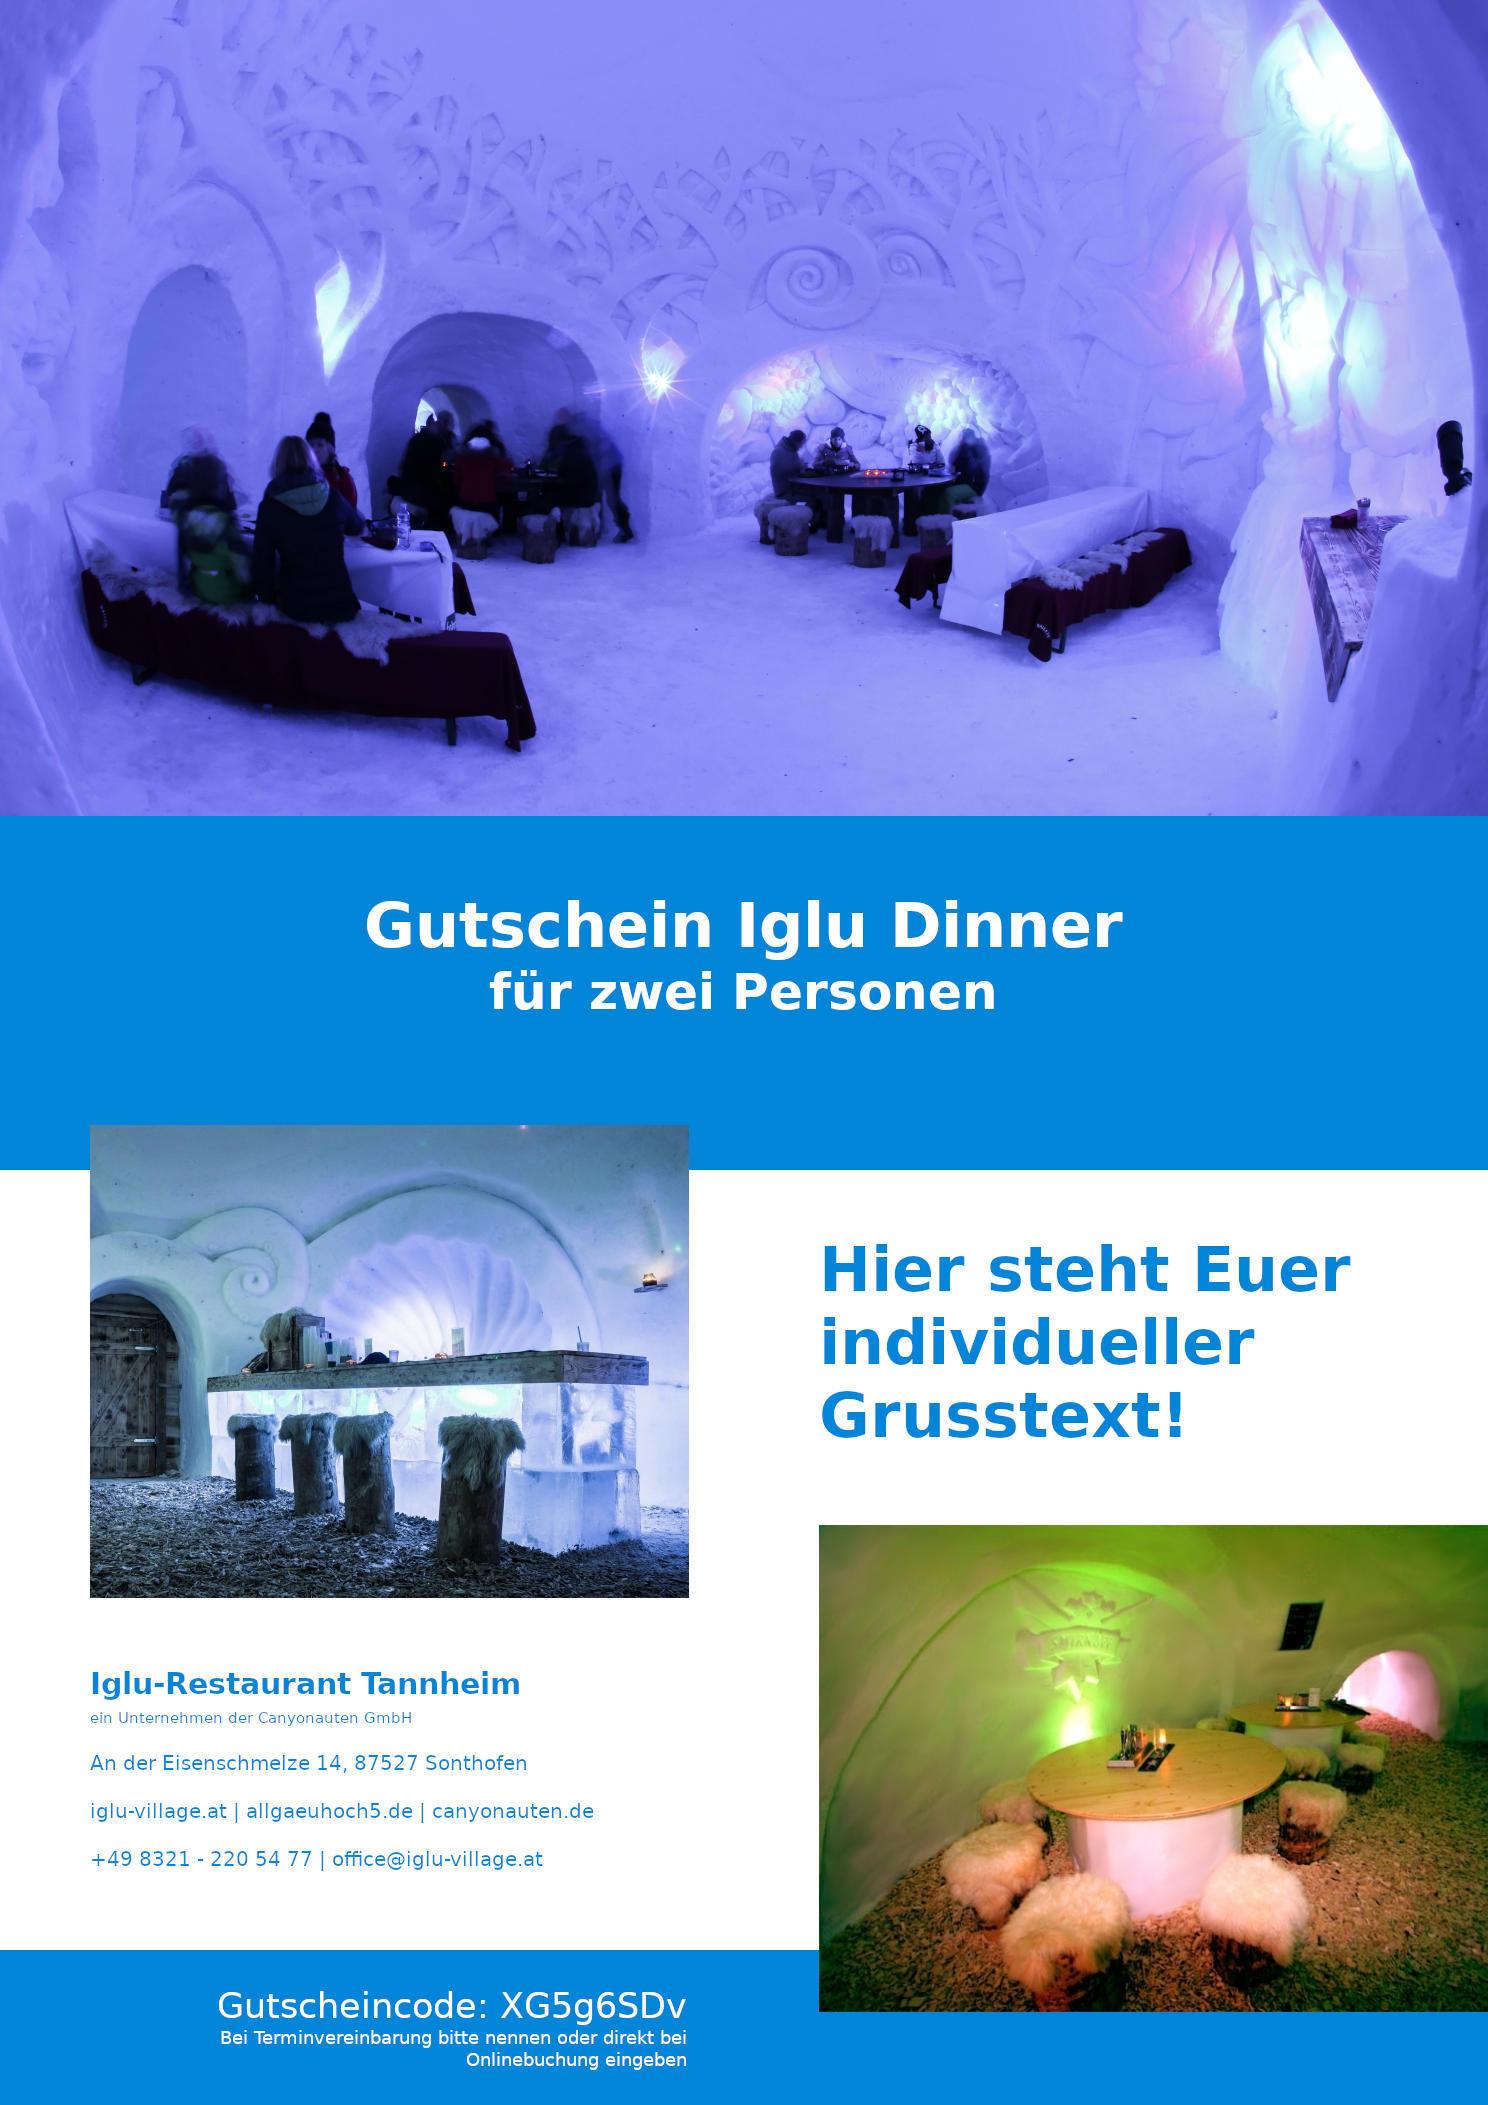 Gutschein Iglu-Dinner Tannheim